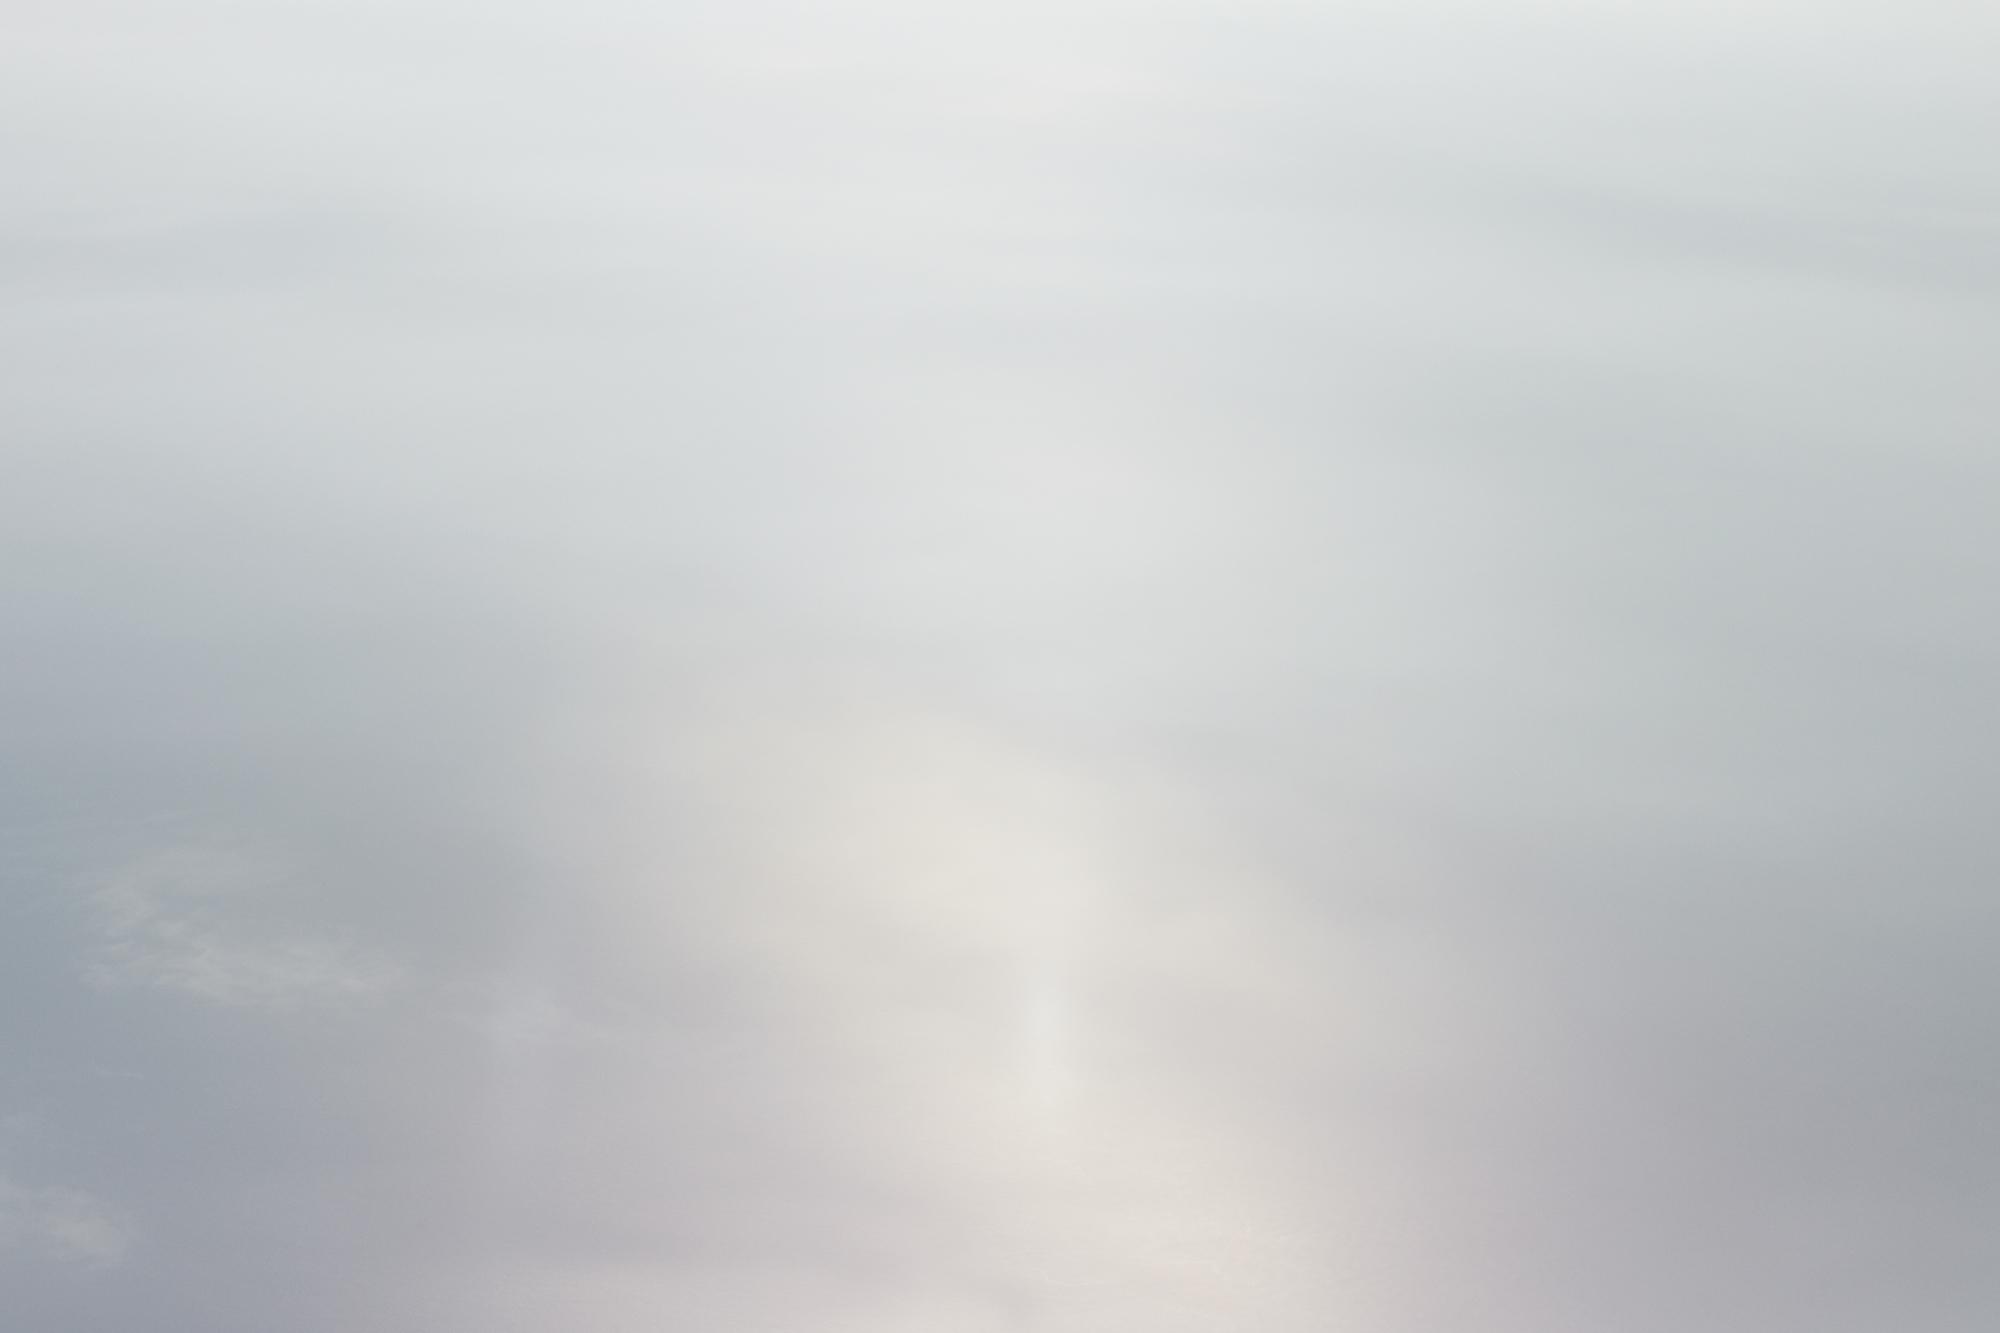 4_20120205_GERMAN_NYC_SKIES_COUDS_156 copy